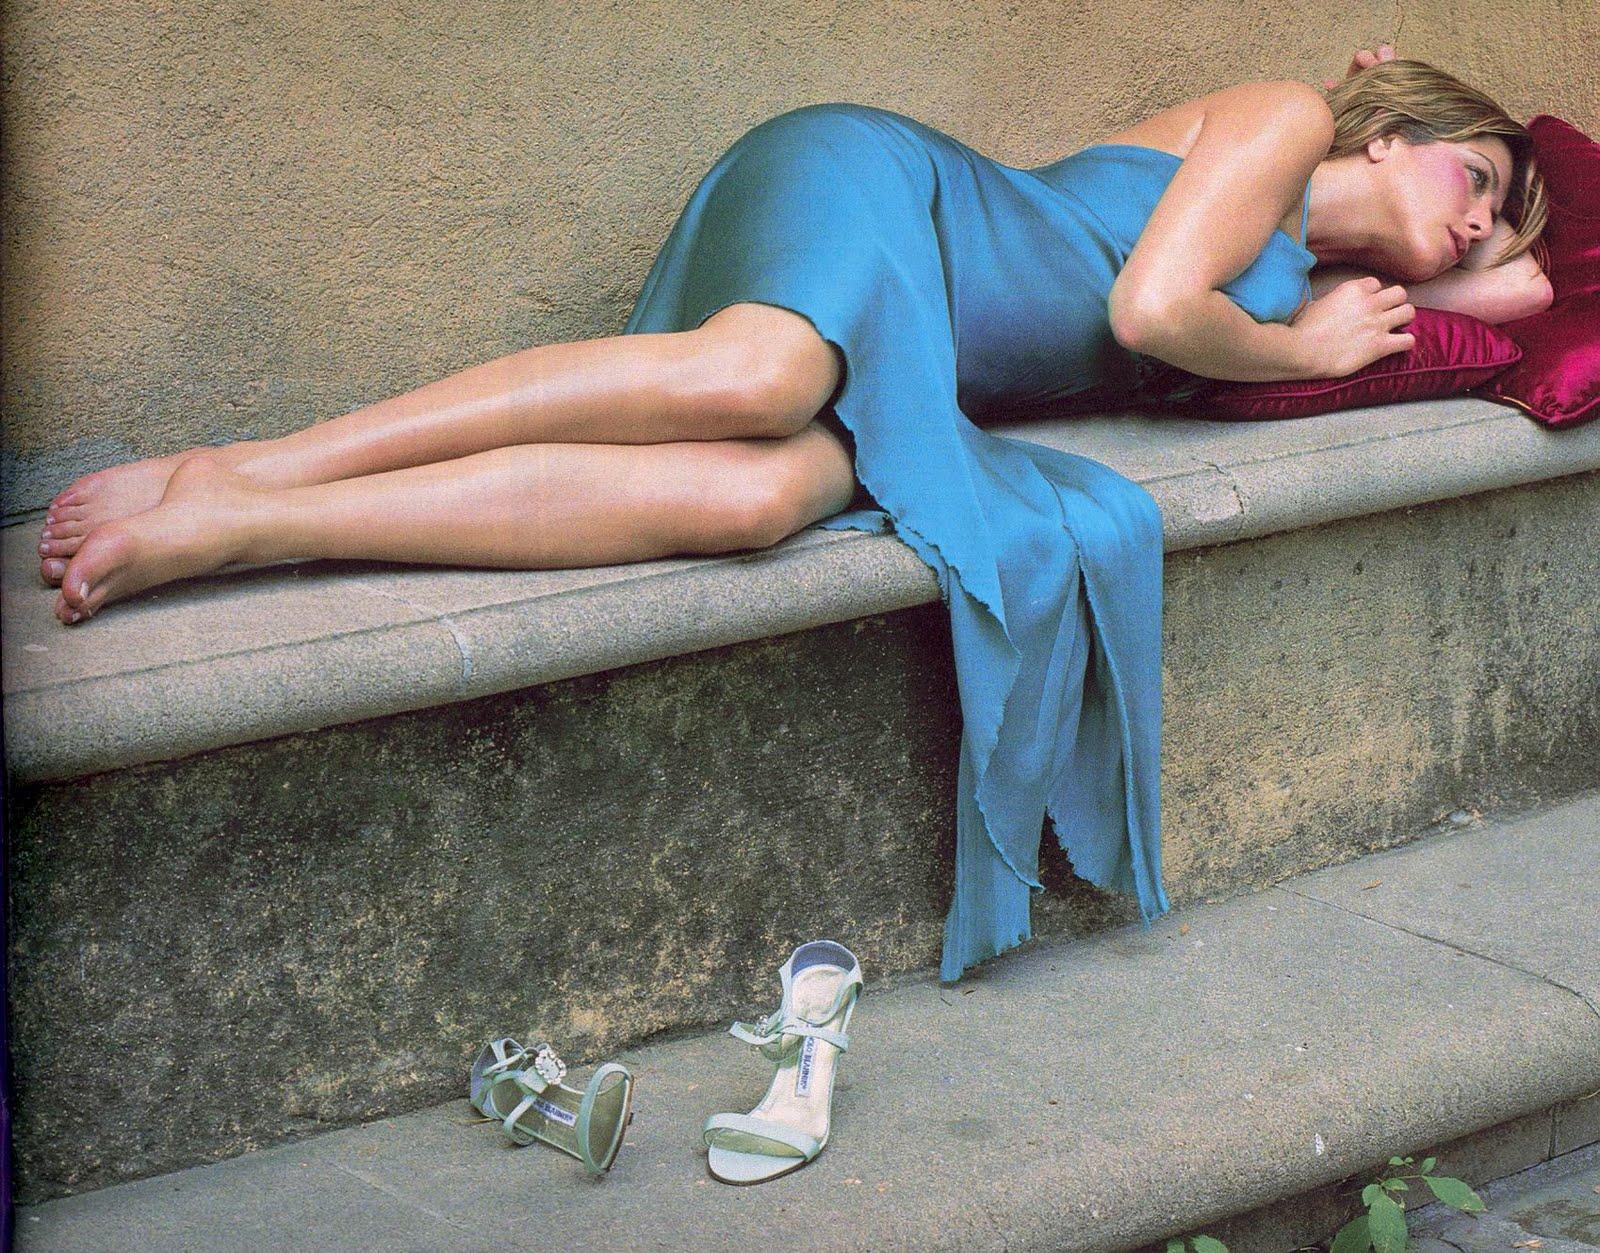 http://4.bp.blogspot.com/_UaLWp72nij4/S9iTcDLNVNI/AAAAAAAAI6I/3L4x2jBtlDY/s1600/jennifer-aniston-feet-4.jpg